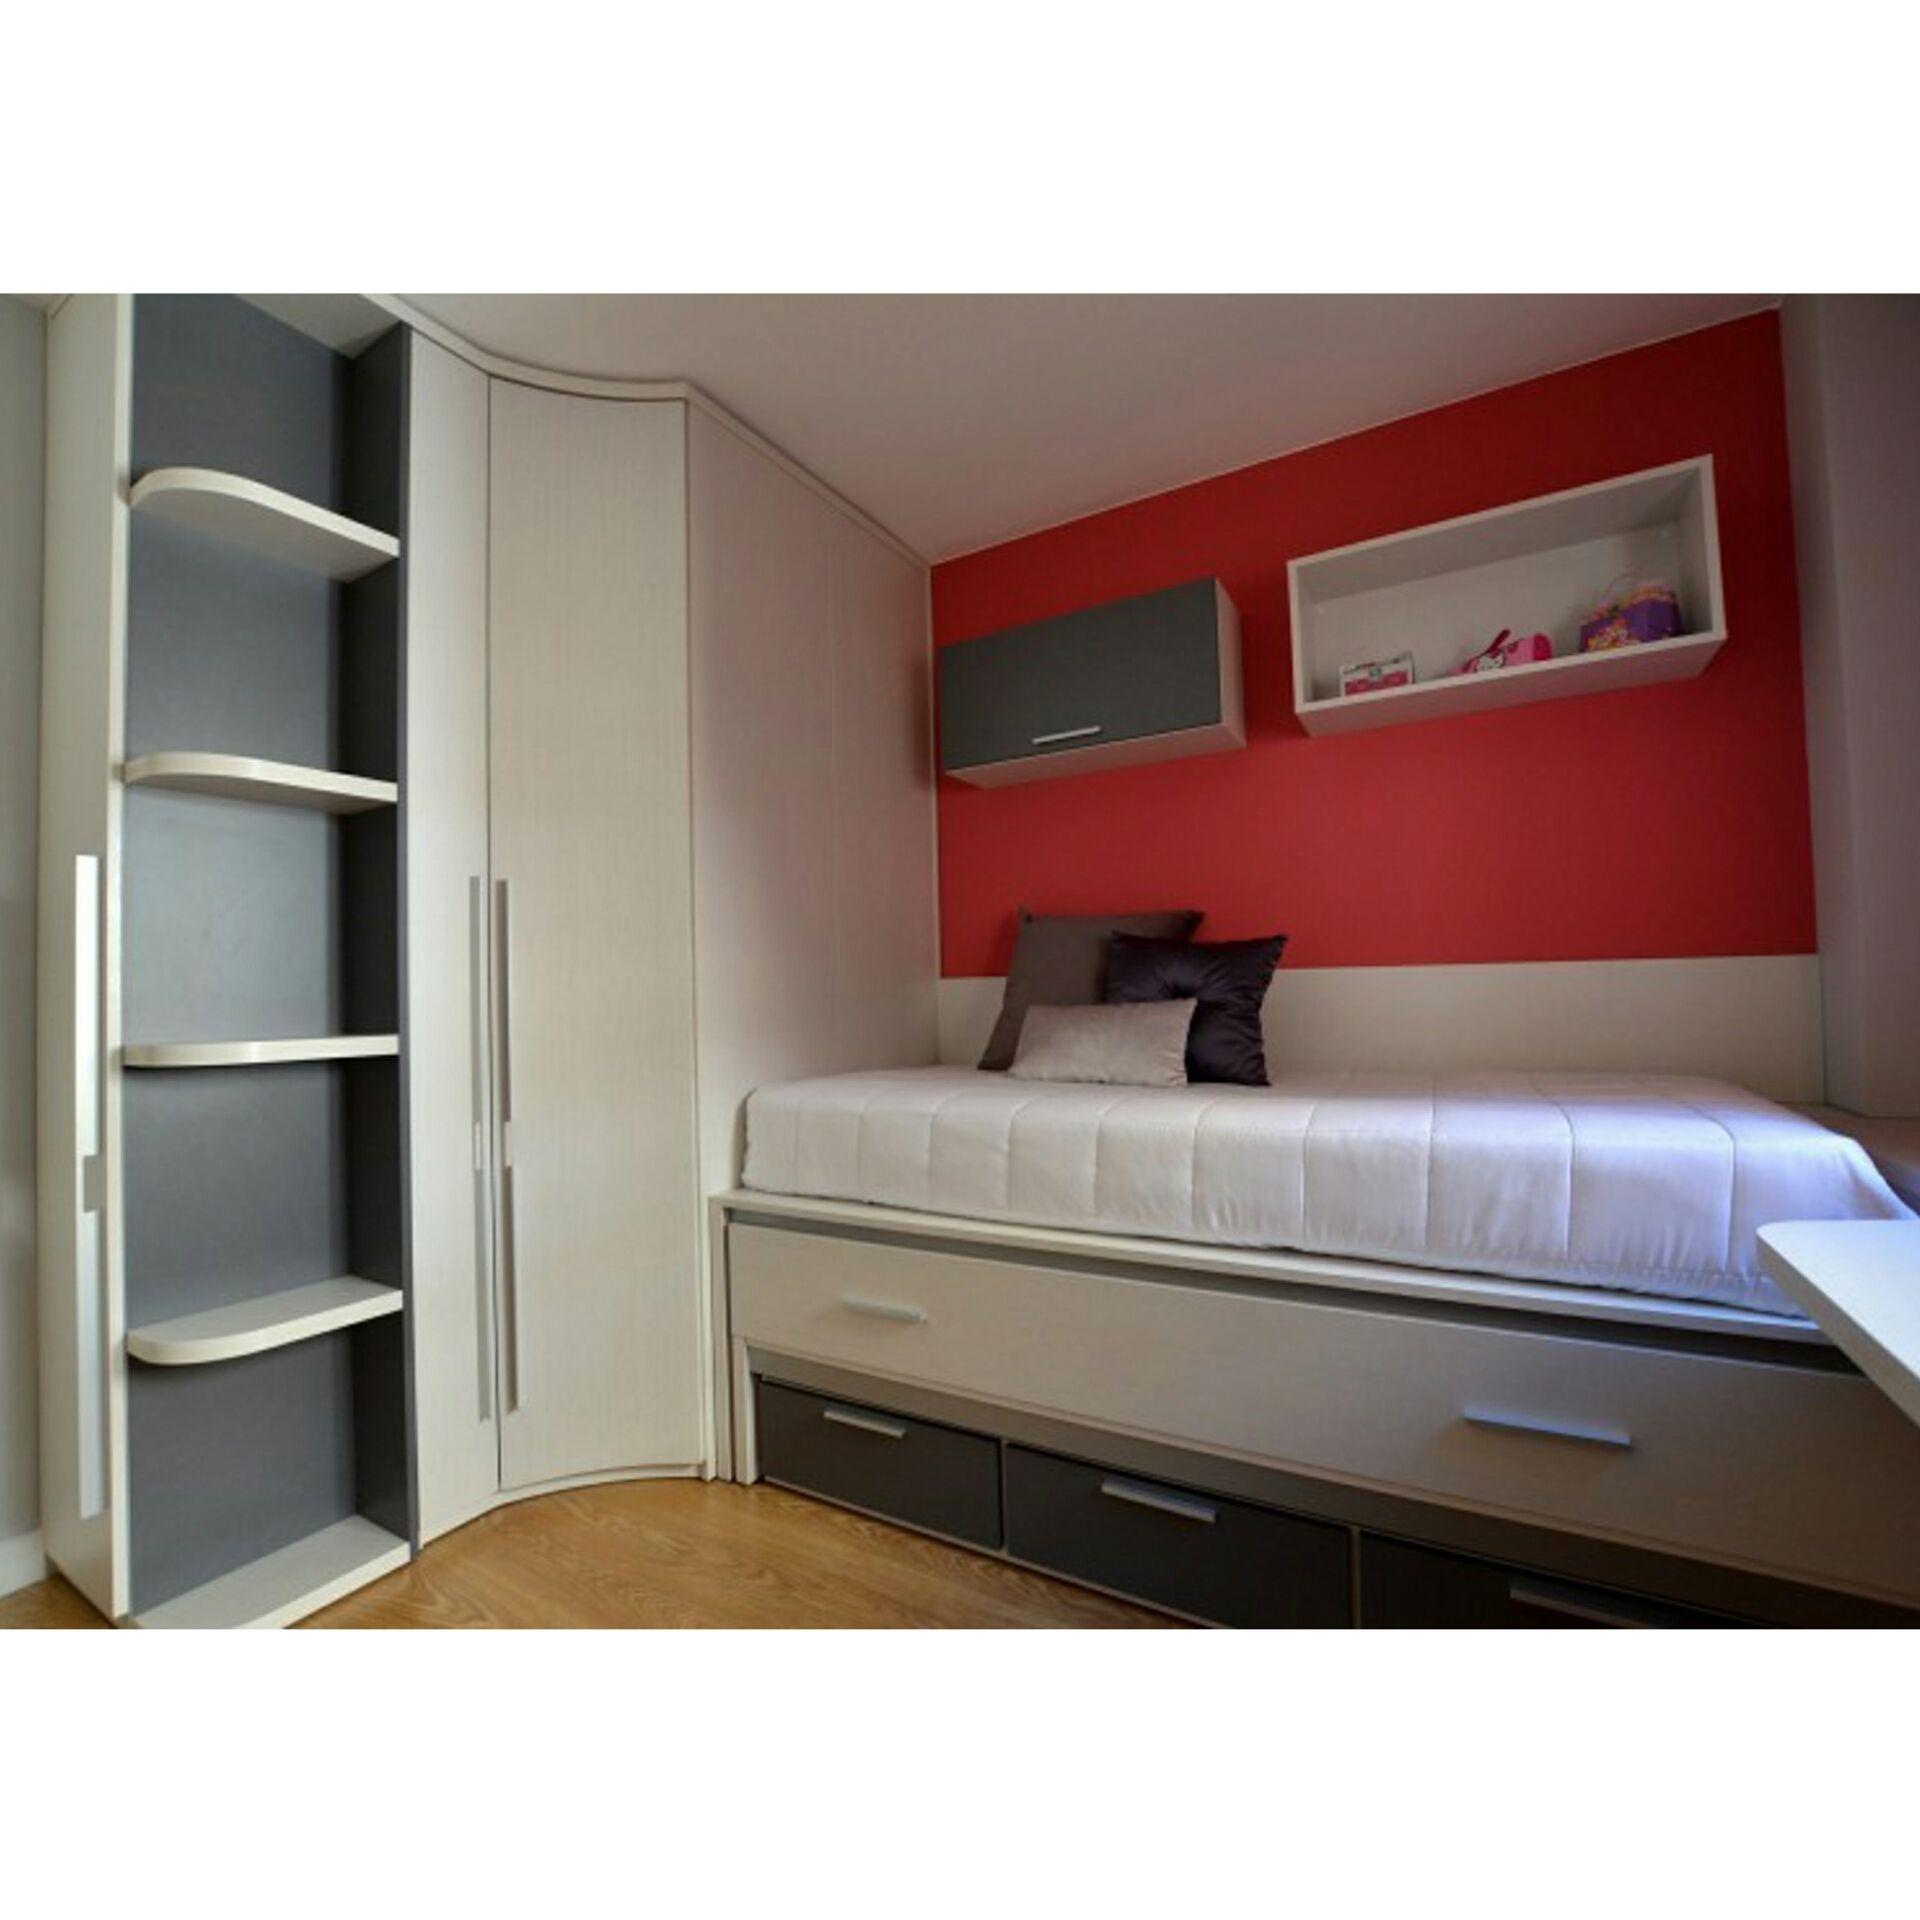 Dormitorio juvenil con armario rinconero de gran capacidad a medida ...